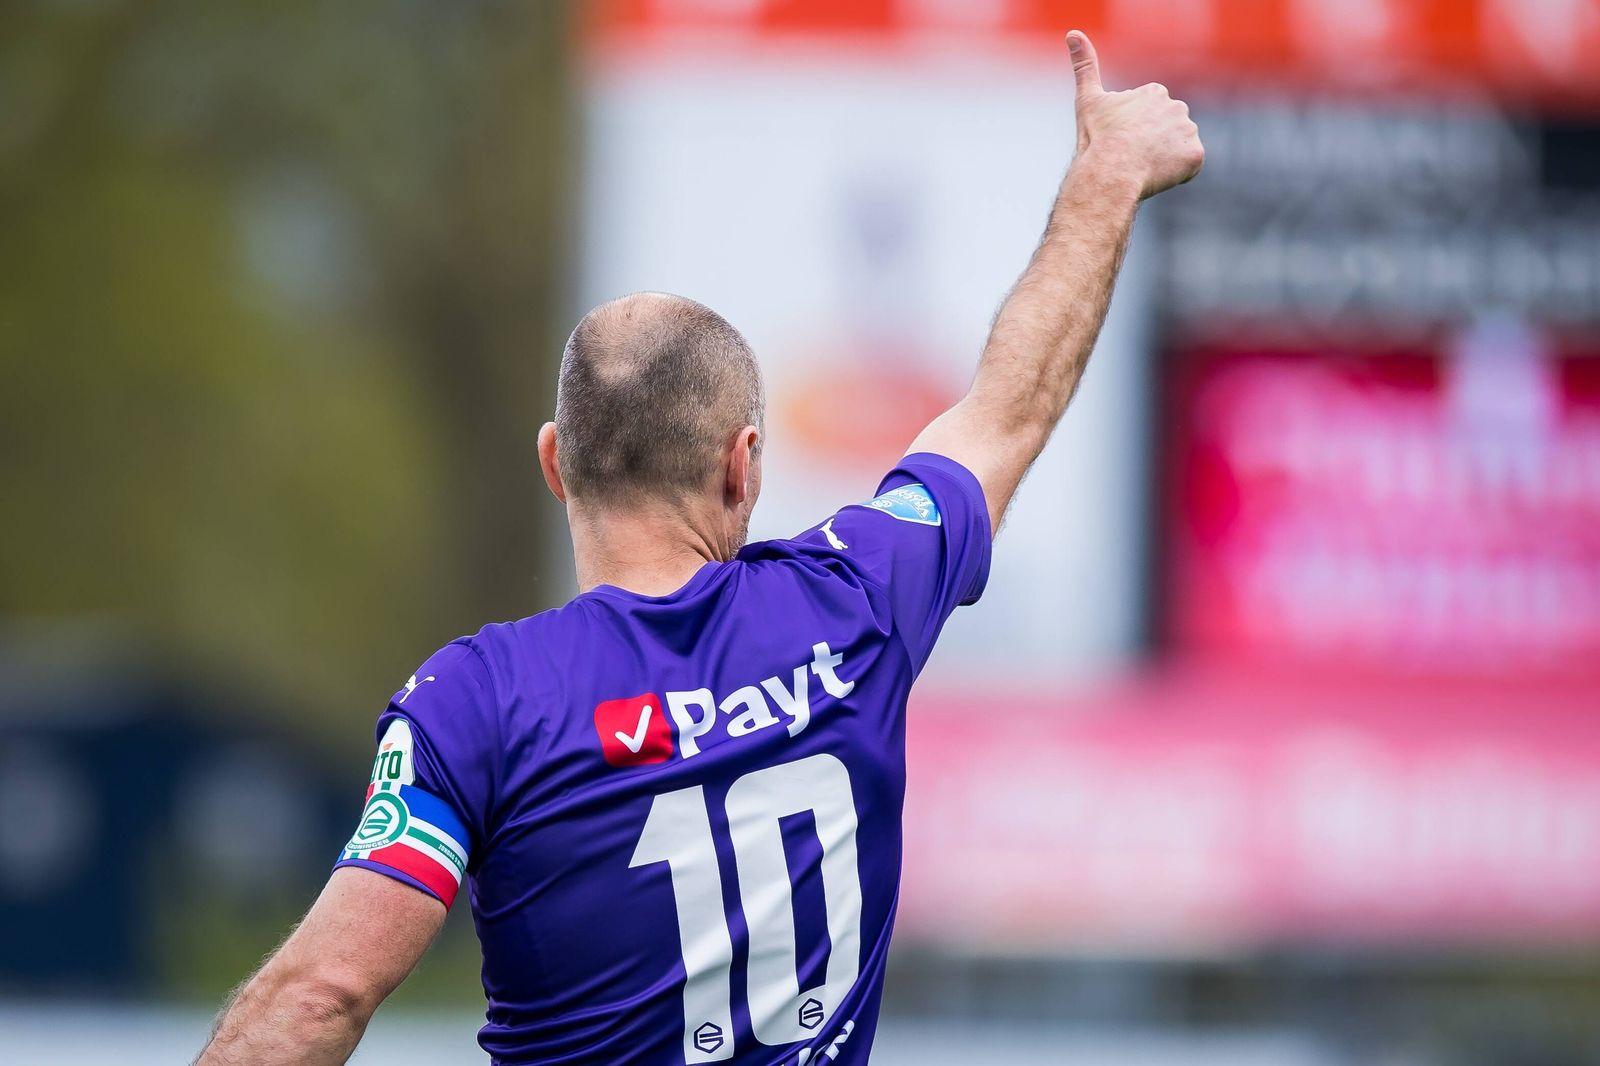 EMMEN - Arjen Robben of FC Groningen during the Dutch Eredivisie match between FC Emmen and FC Groningen at De Oude Meer